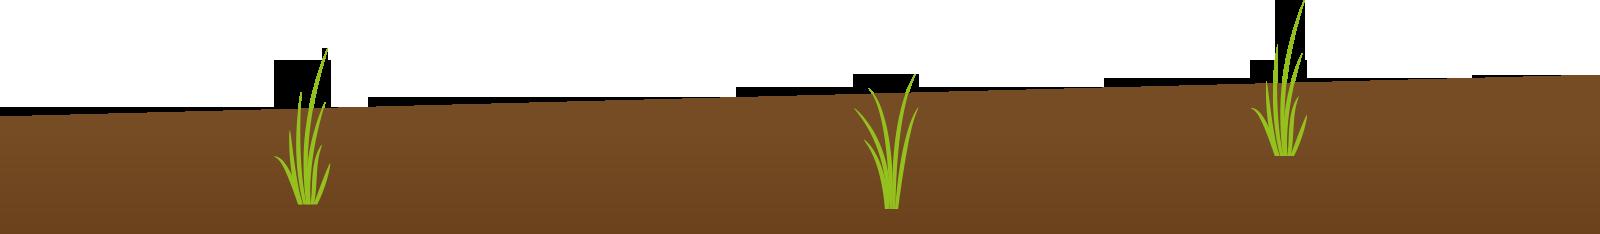 soil banner image